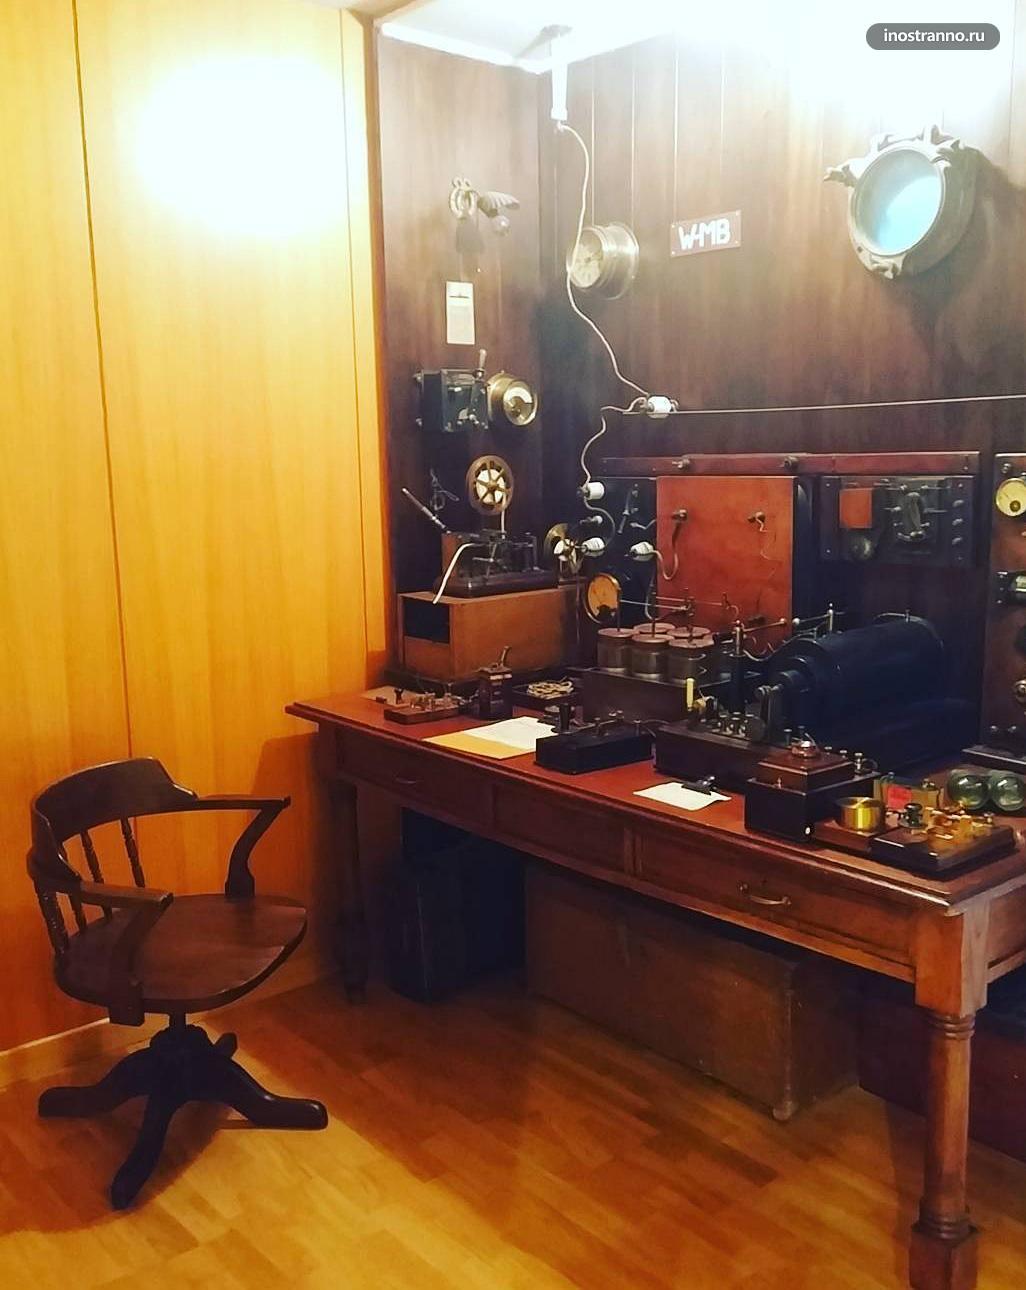 Дом музей связи Гульельмо Маркони в Болонье